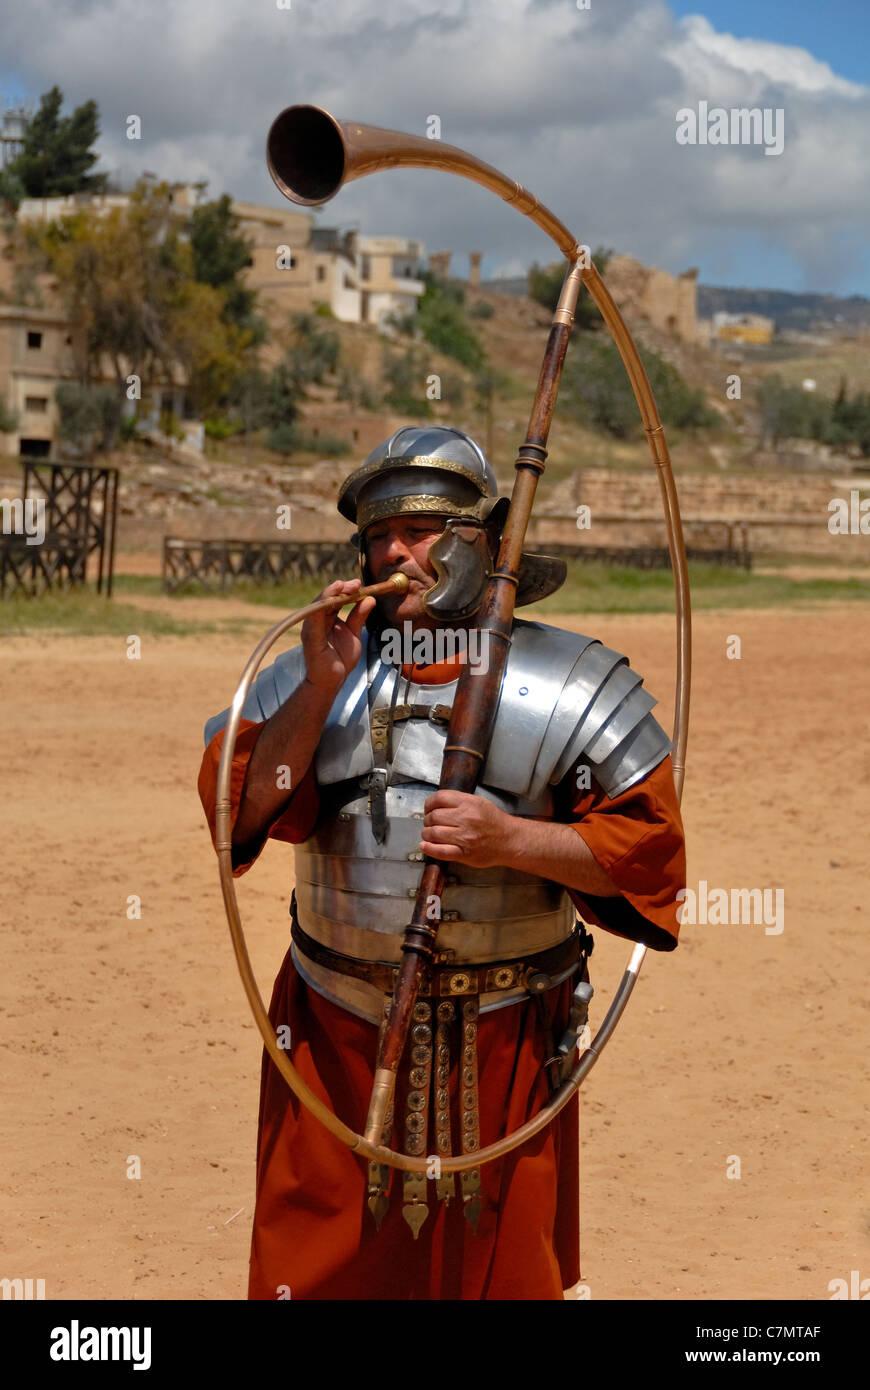 Si tratta di un uomo in uniforme romana la riproduzione di una sorta di tromba nella città di Jerash. Immagini Stock